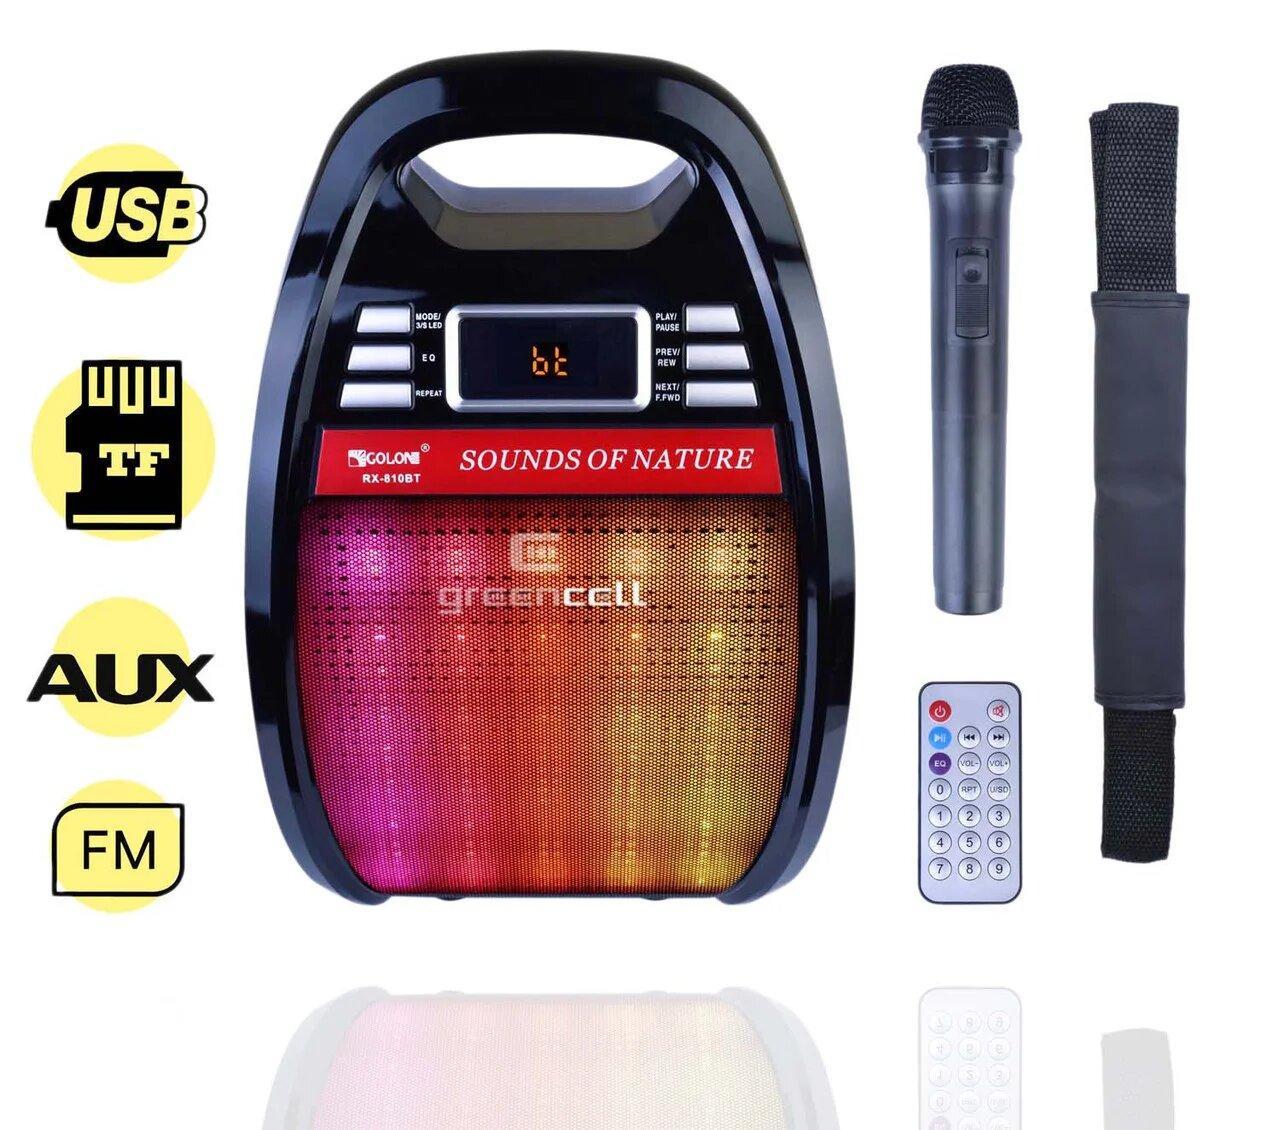 Бездротова колонка Bluetooth Golon RX-810BT, портативна колонка з мікрофонним виходом, USB, карта пам'яті